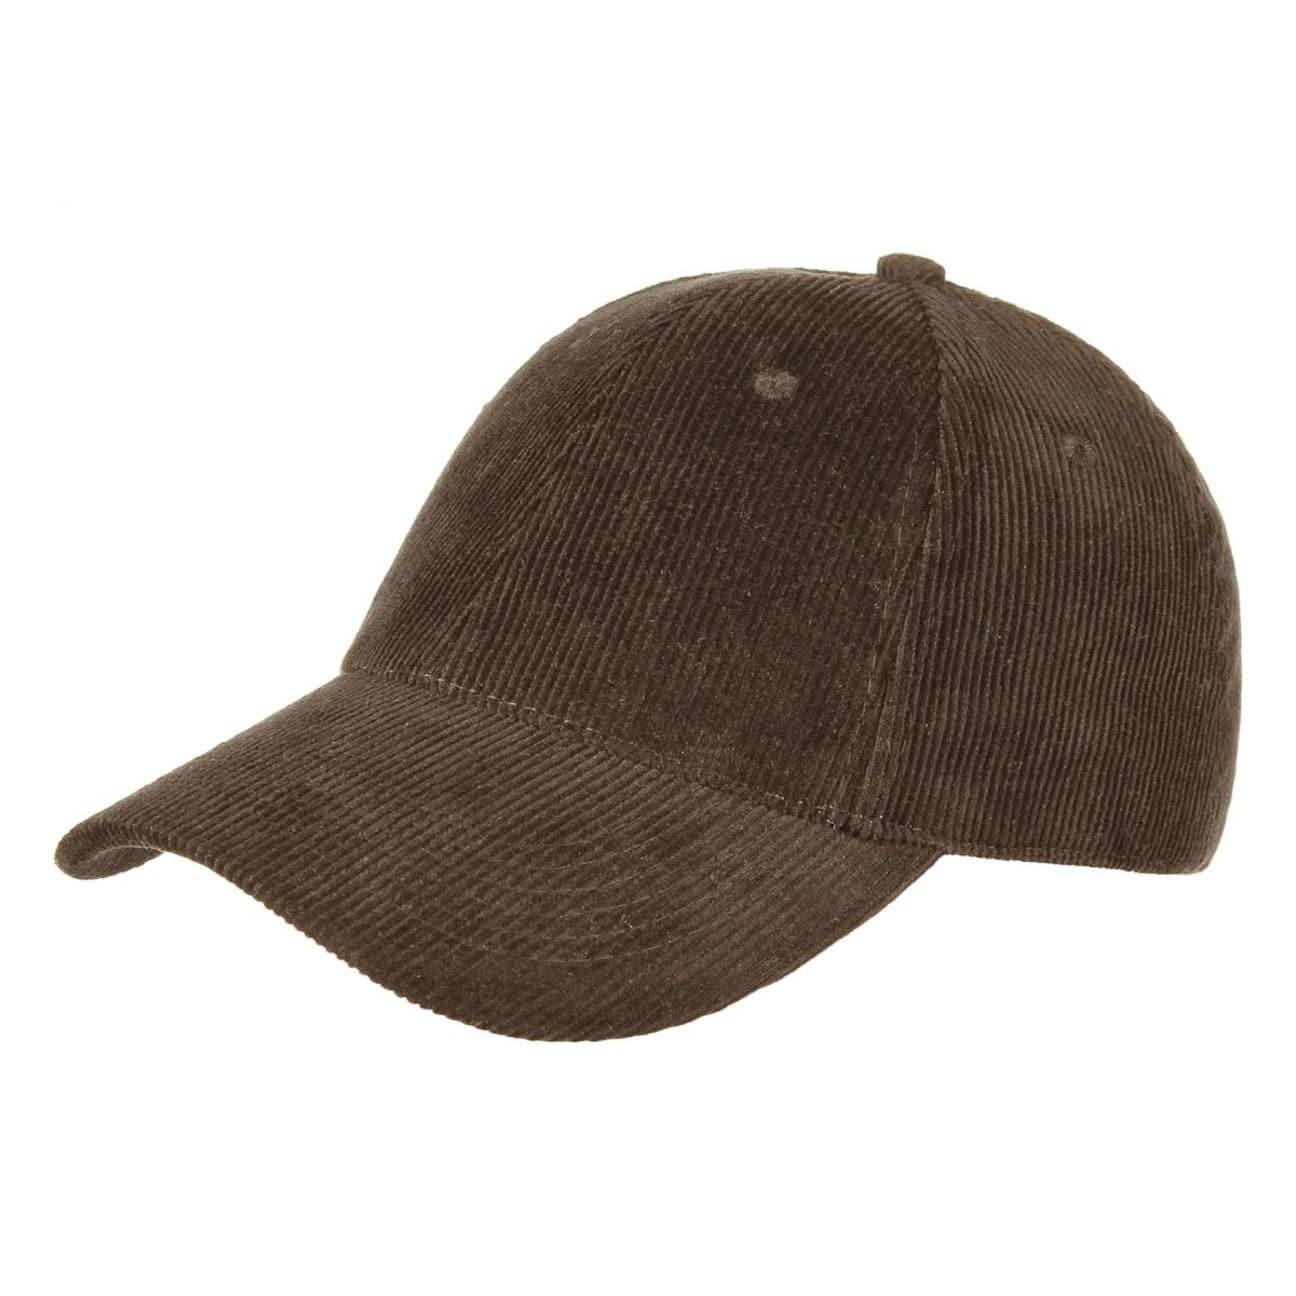 Corduroy Cap 9 95